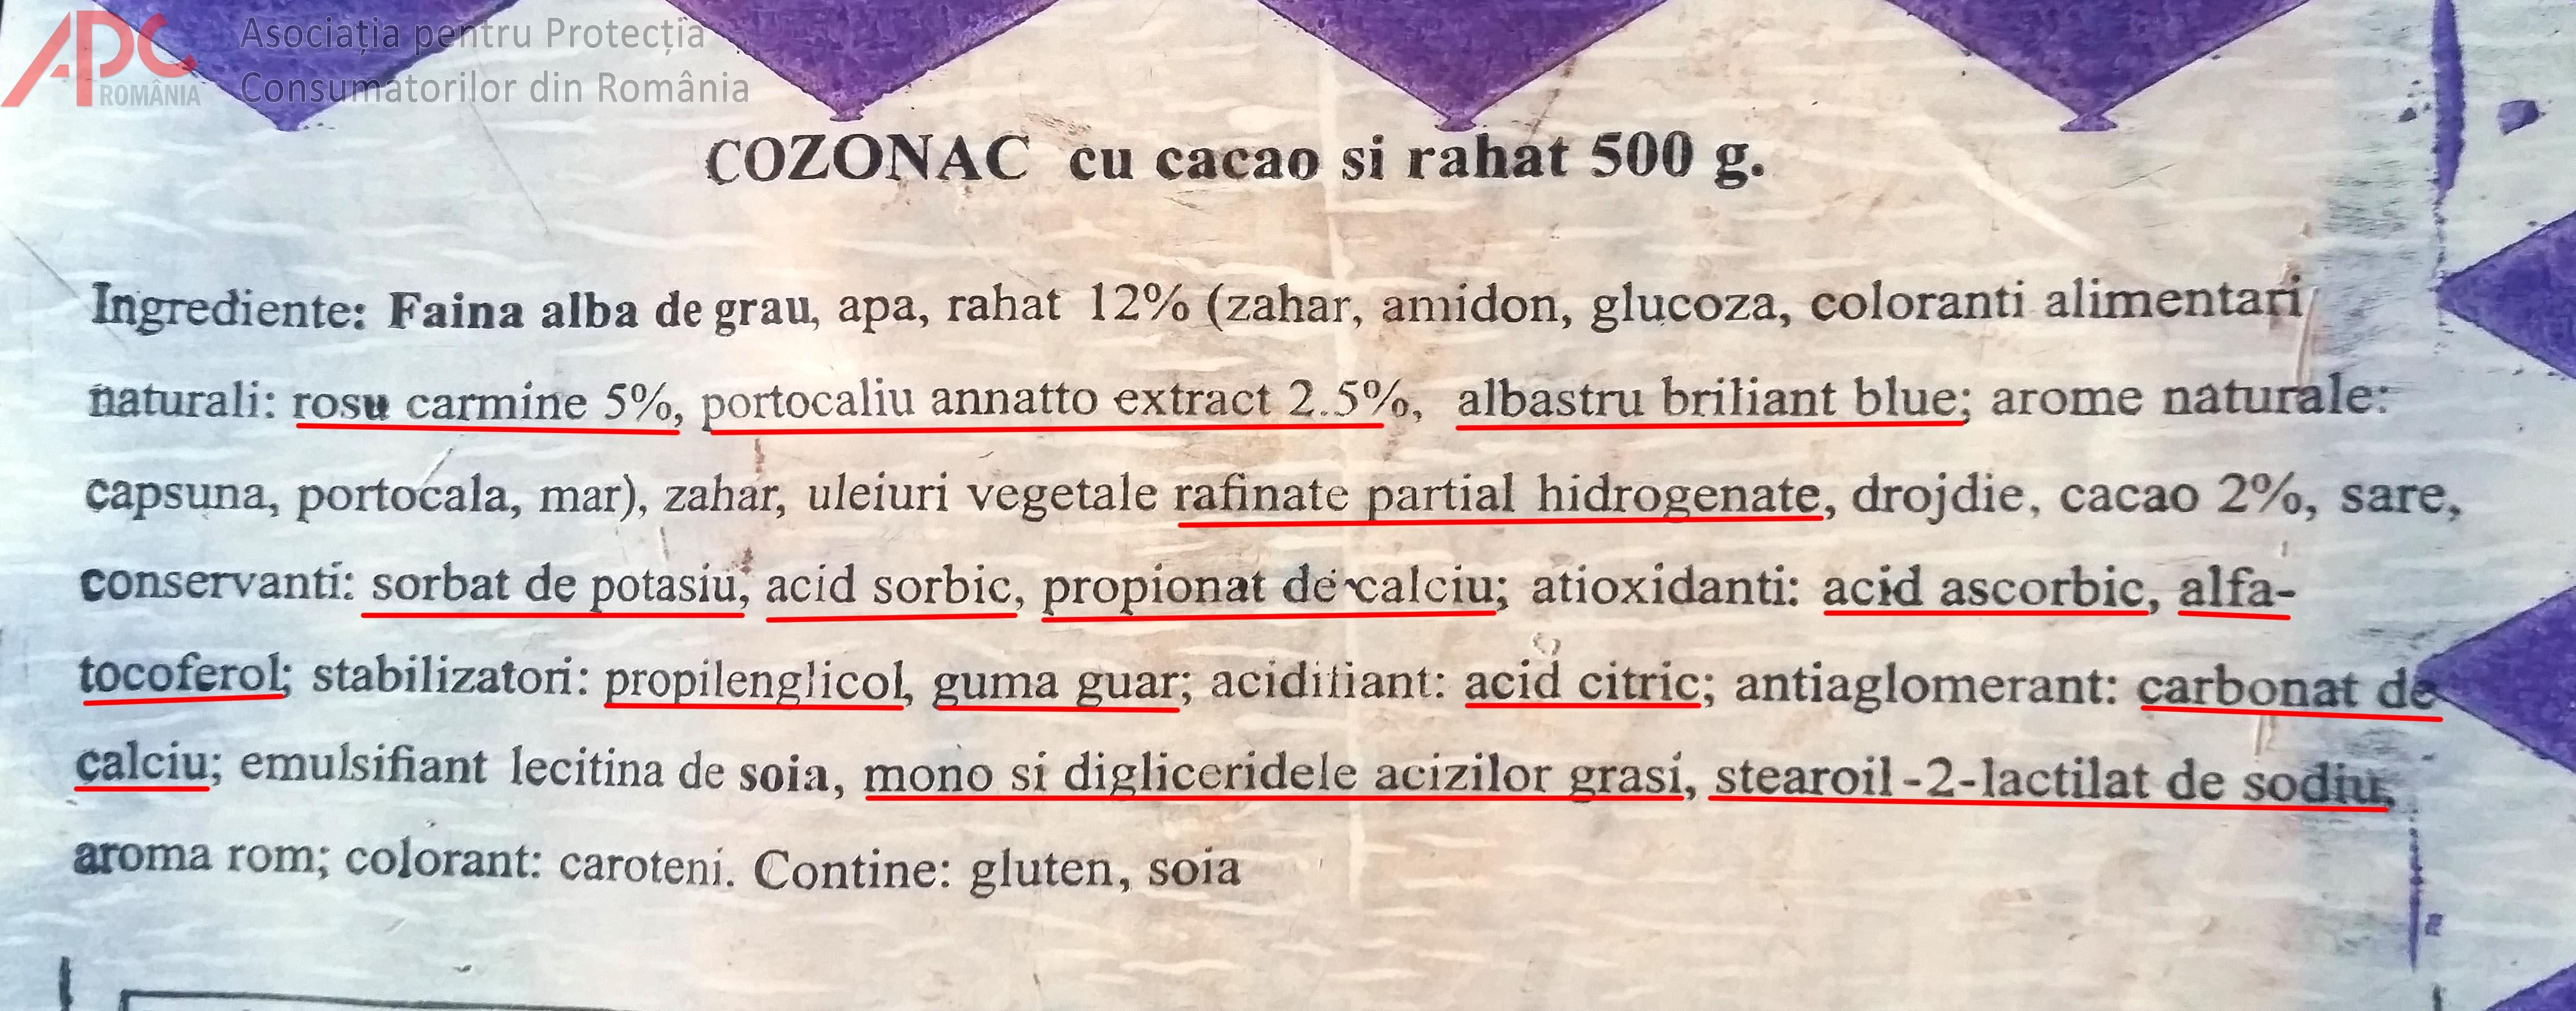 APC_Romania_Cozonac_04